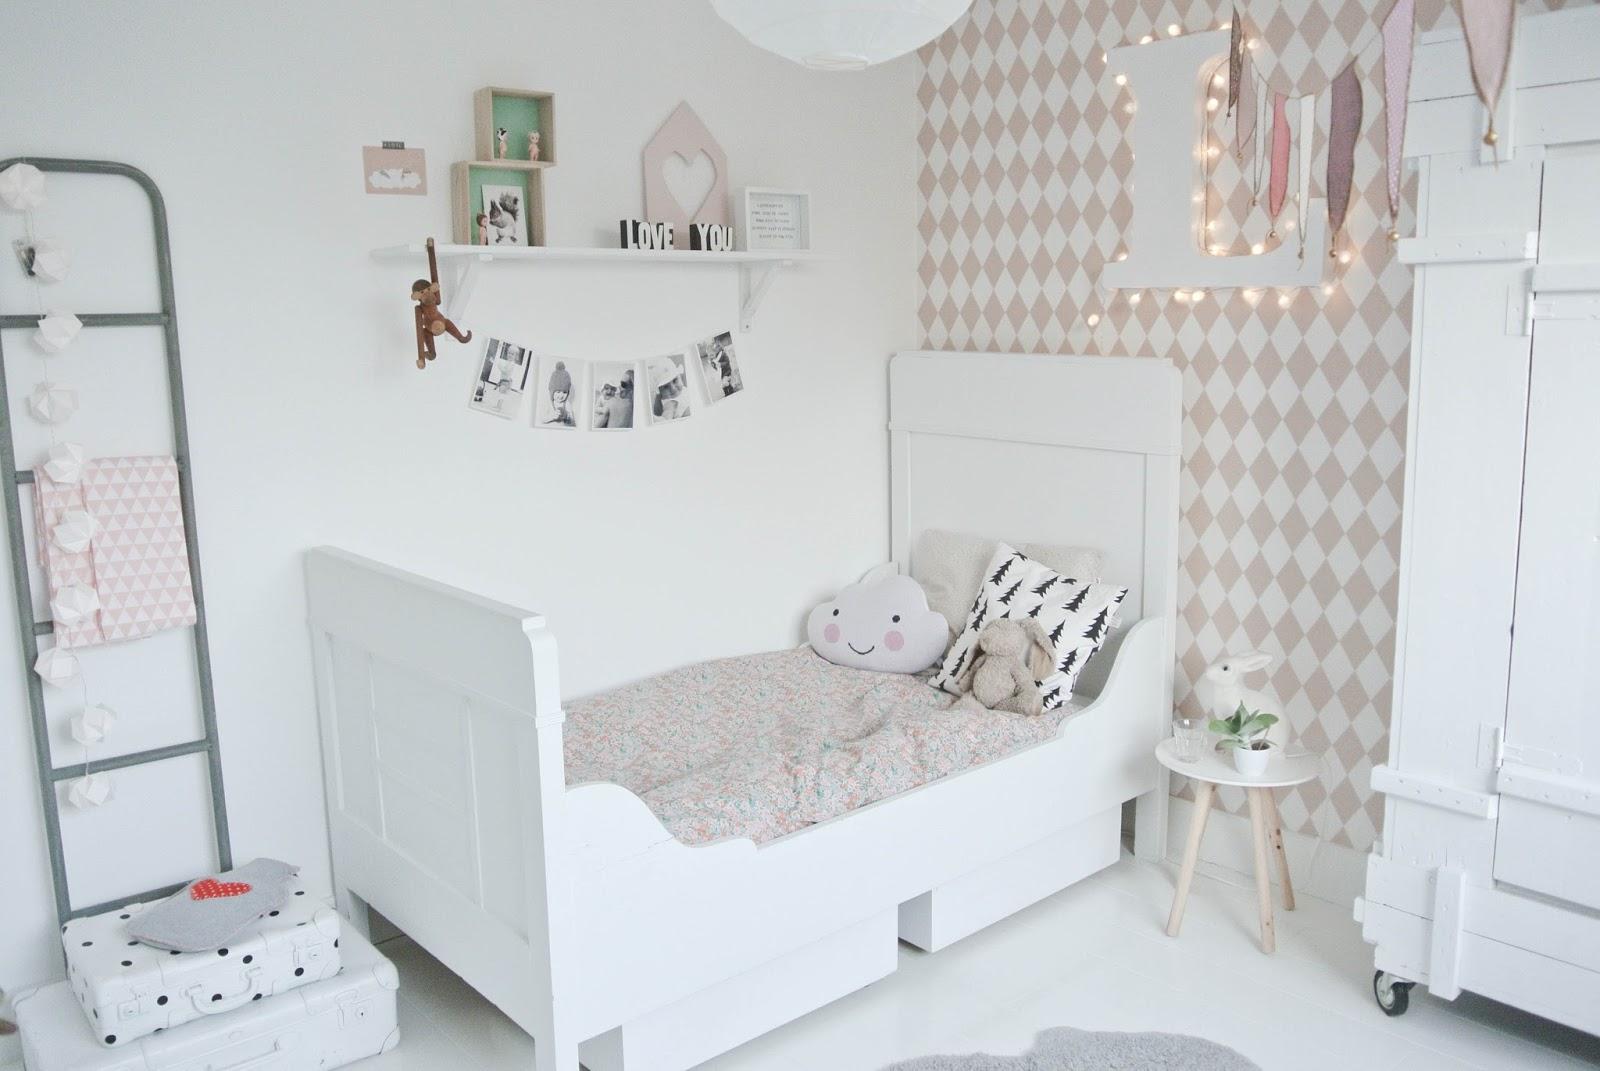 Descubre la habitaci n infantil de lola nuestra ltima - Decoracion habitacion ninos ...